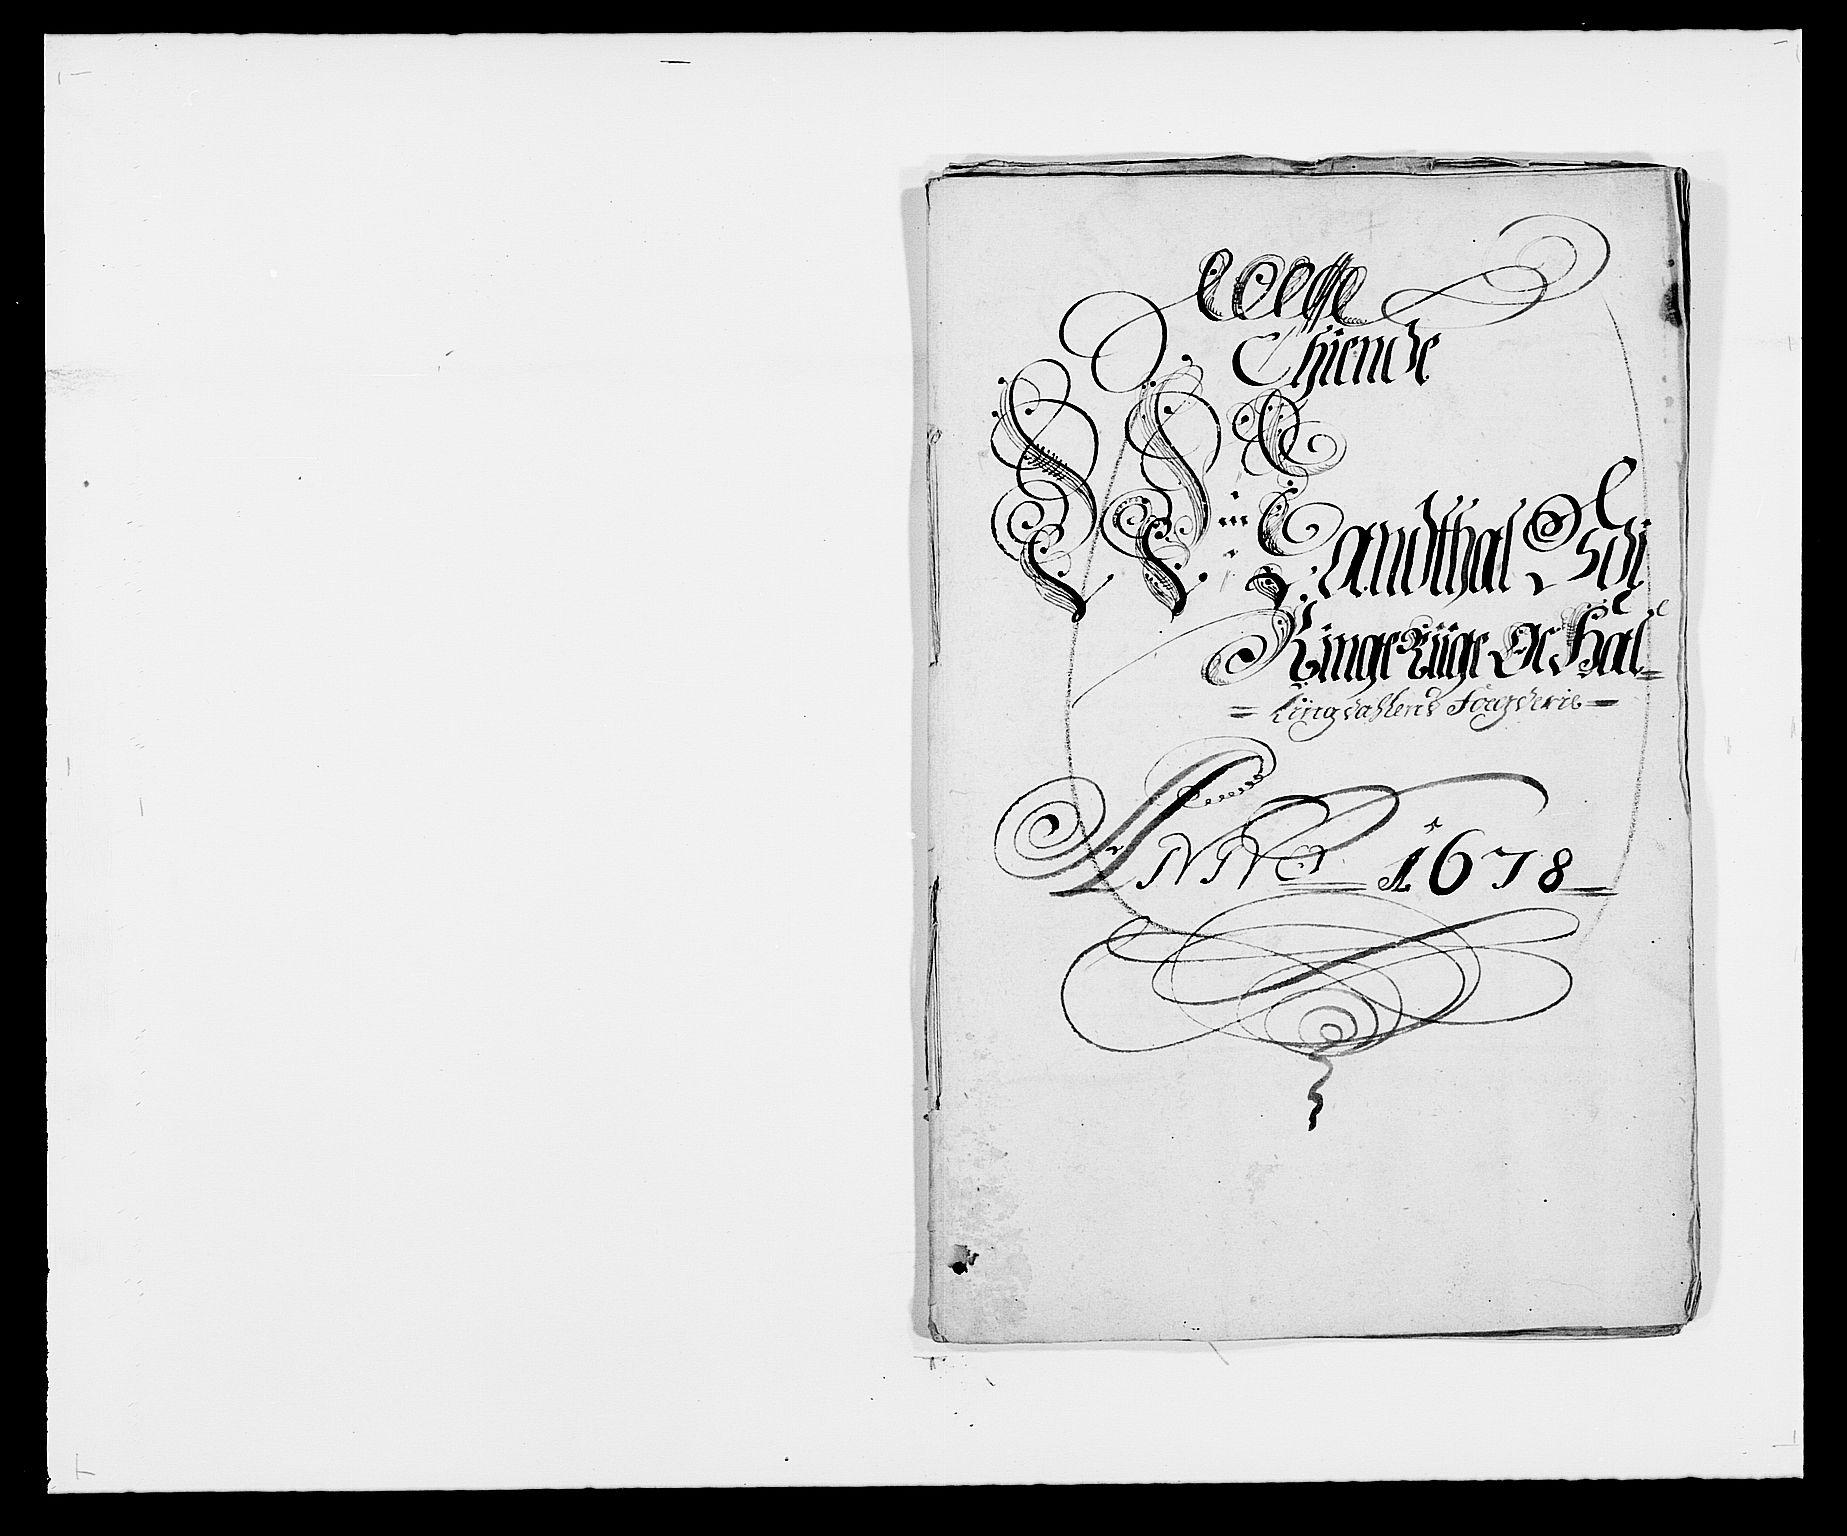 RA, Rentekammeret inntil 1814, Reviderte regnskaper, Fogderegnskap, R21/L1443: Fogderegnskap Ringerike og Hallingdal, 1678-1680, s. 148